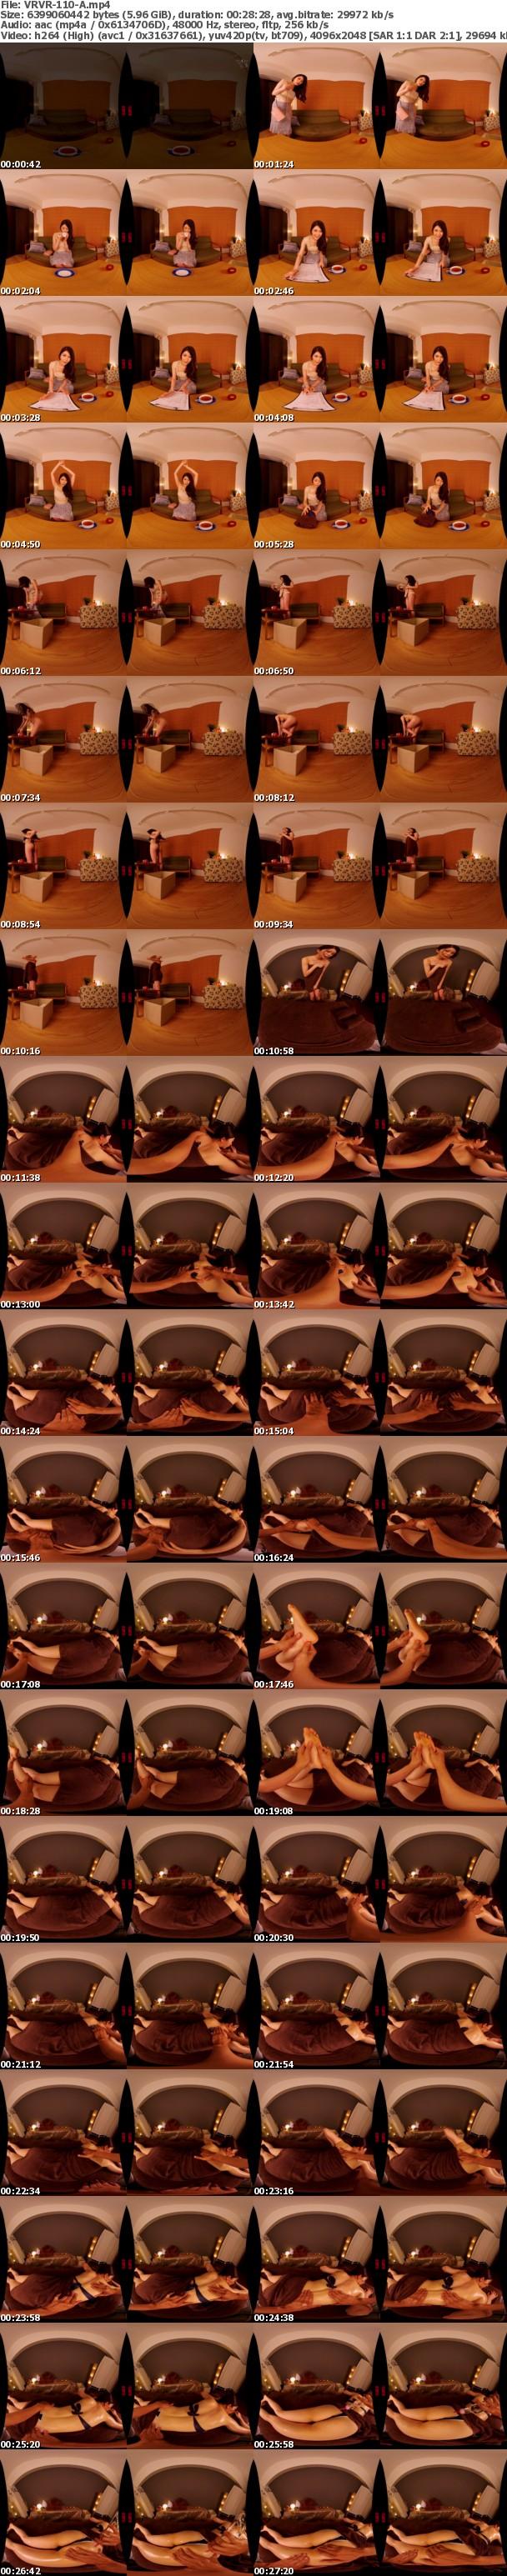 (VR) VRVR-110 HQ超高画質!【悪徳エステティシャン体験VR】媚薬ドリンクを服用したデカ乳ご無沙汰妻は高級オイルマッサージで感度急上昇!恥じらう奥さんを強引にベロキス/オッパイ揉み/指マン/クンニ/イラマチオ!生チ○ポ挿入すると… 目黒めぐみ